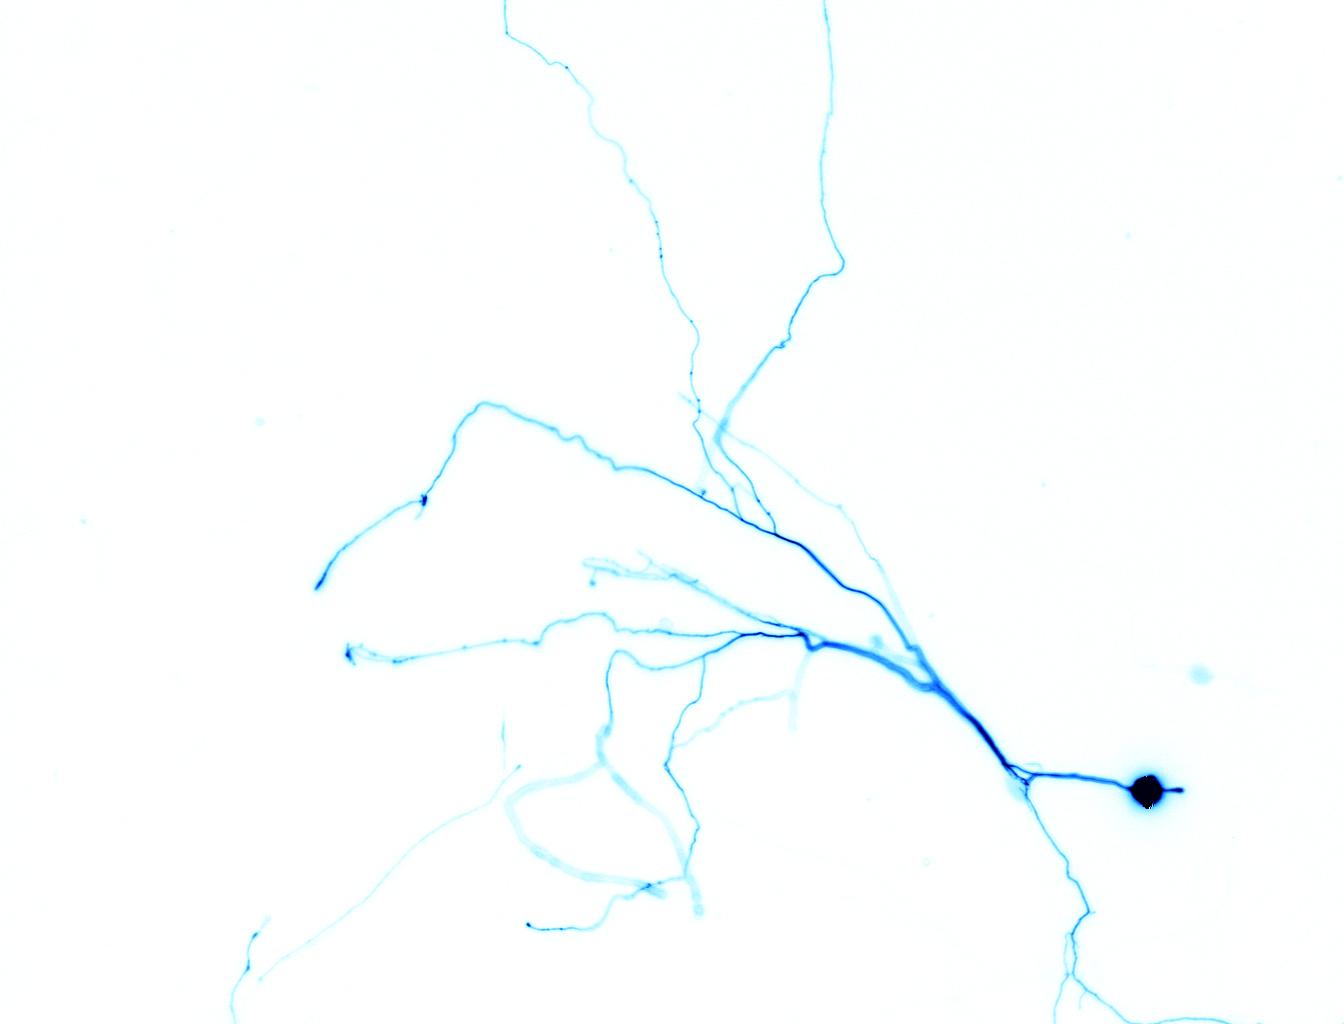 Blue Neuron